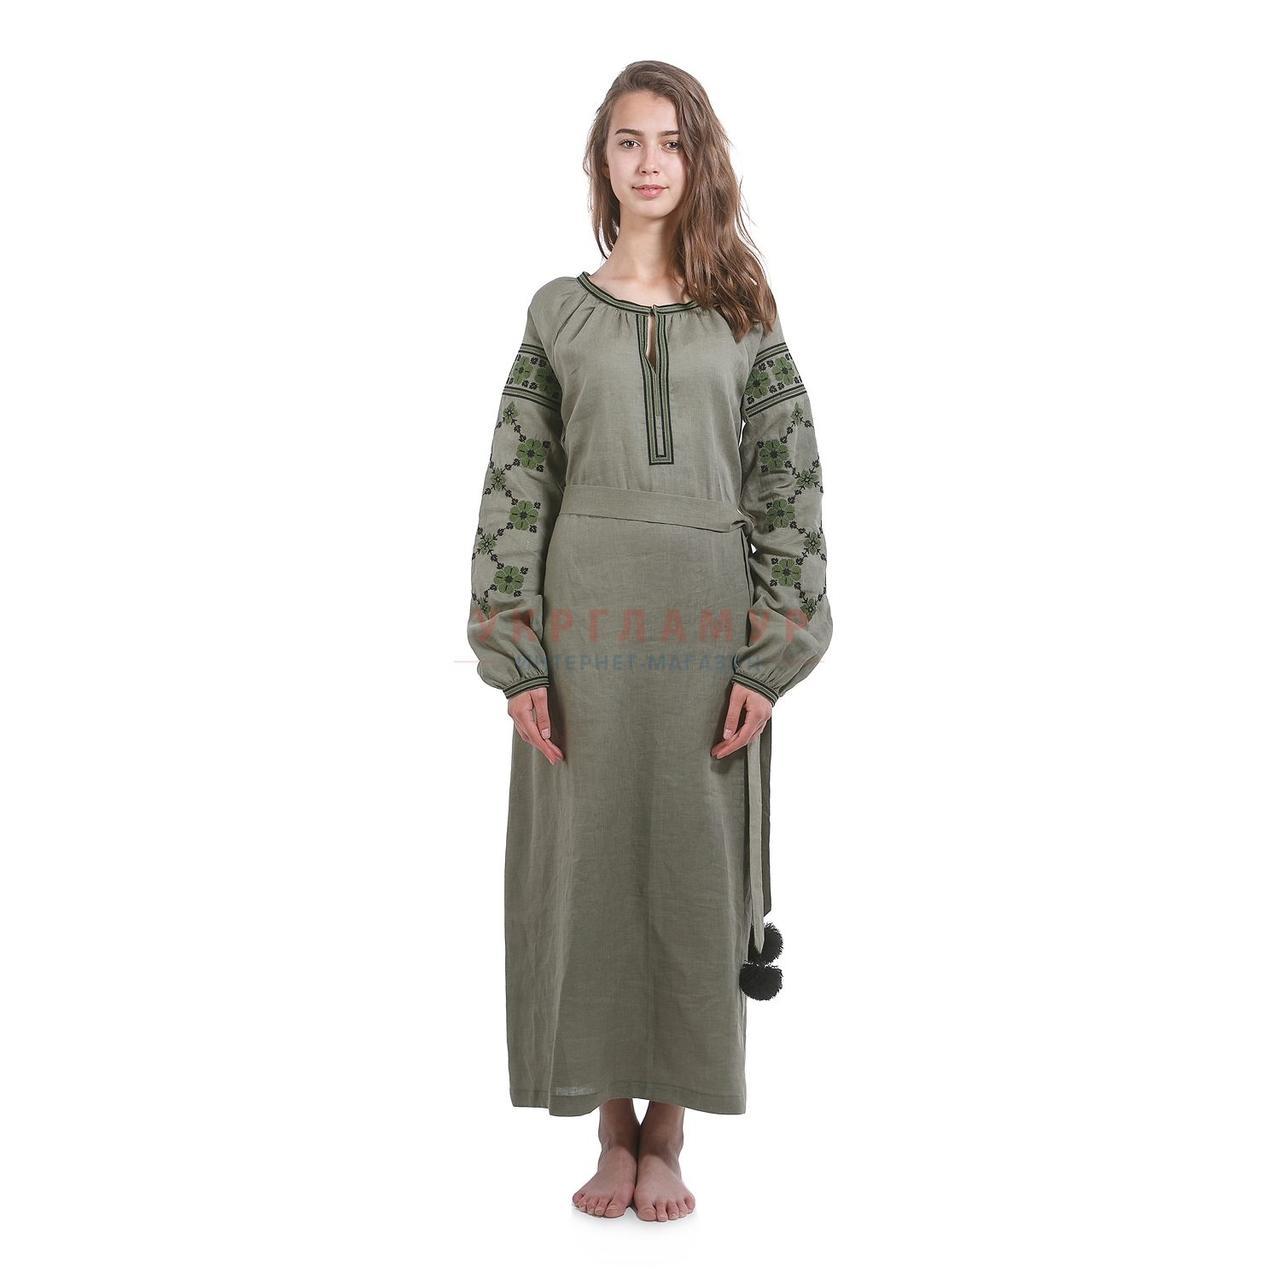 Вышитое дизайнерское платье цвета хаки